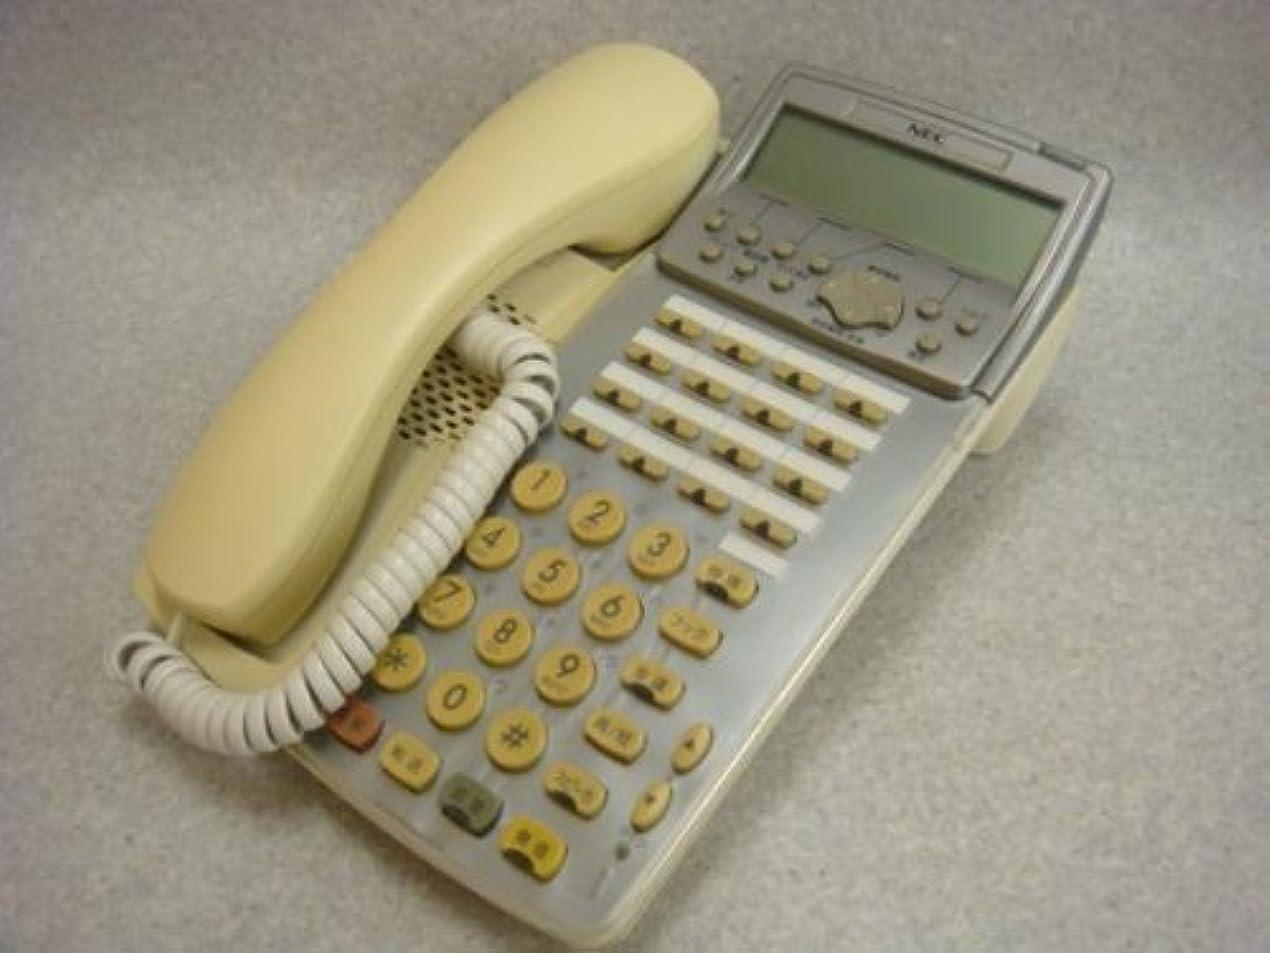 ぎこちないセンター地図DTR-16KH-1D(WH) NEC Aspire Dterm85 16ボタン漢字表示&電子電話帳対応電話機(WH) [オフィス用品] ビジネスフォン